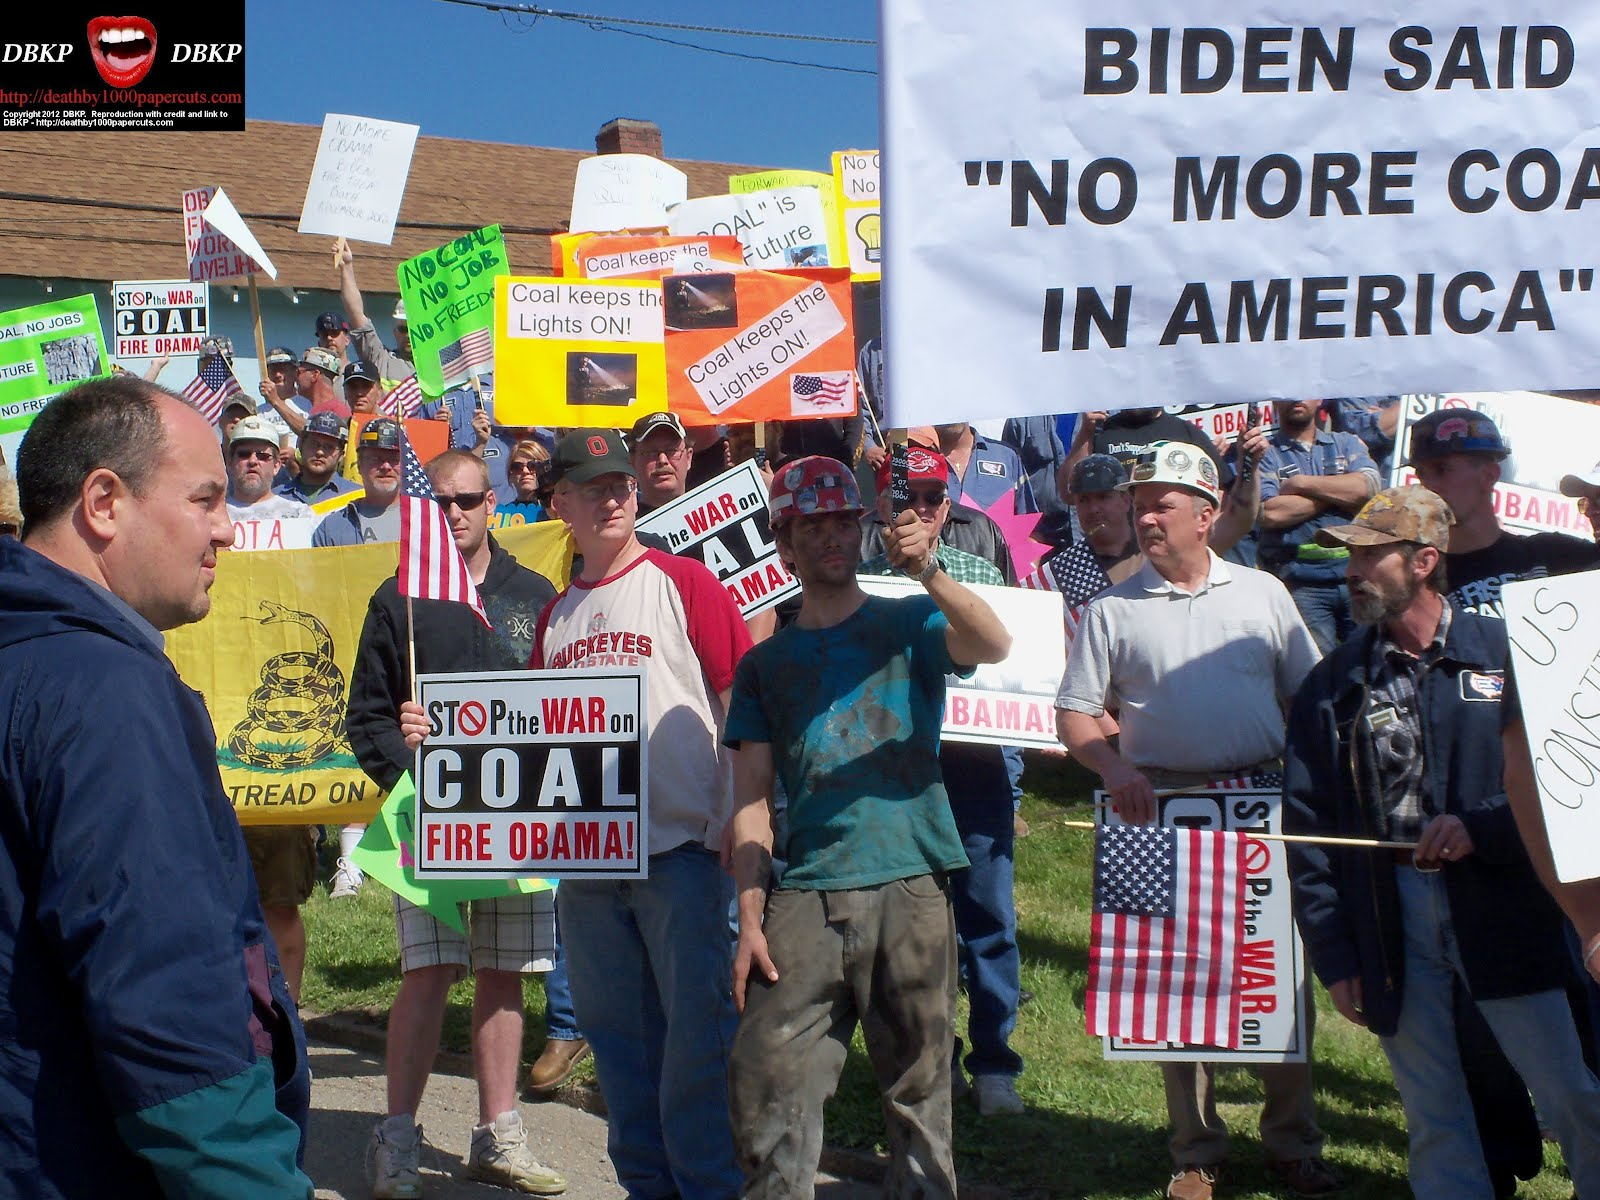 http://1.bp.blogspot.com/-YCrqgvqme-c/T7jW5Z0Zw3I/AAAAAAAAXqg/vVcDShIRKTo/s1600/Biden-MF-protestors-2-0517-2012.jpg